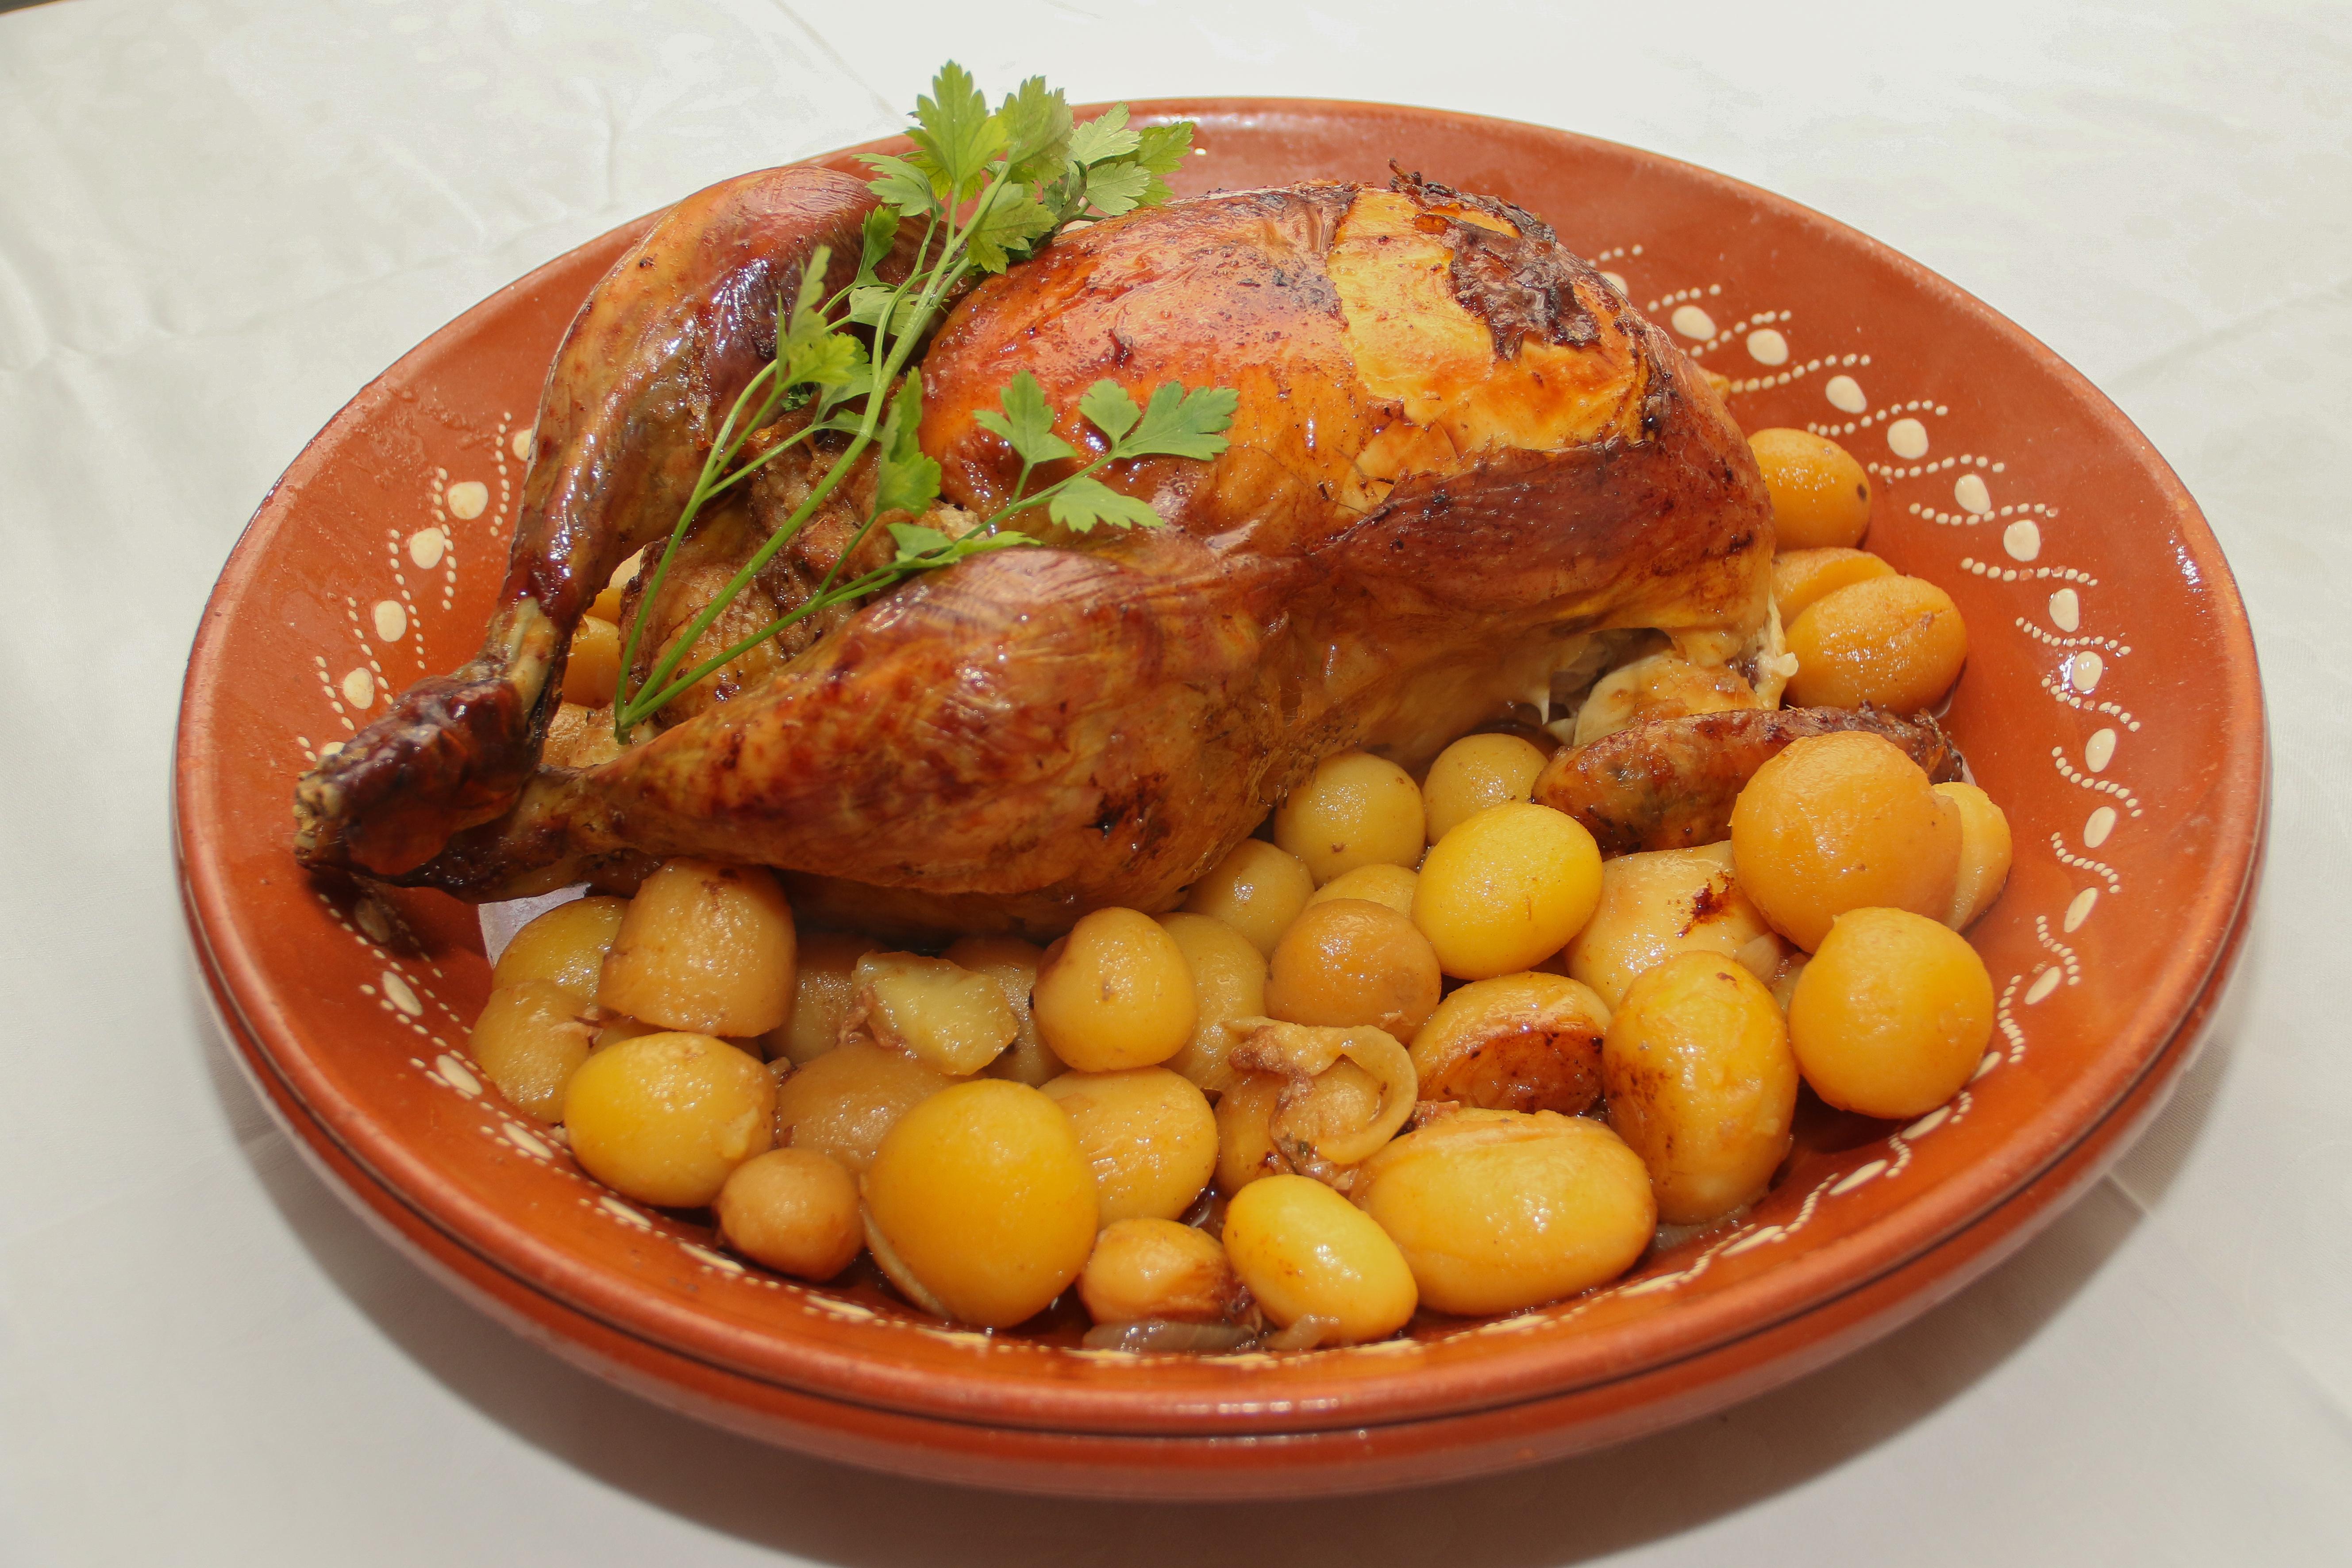 Barcelos qualifica profissionais da restauração para promoção da gastronomia local